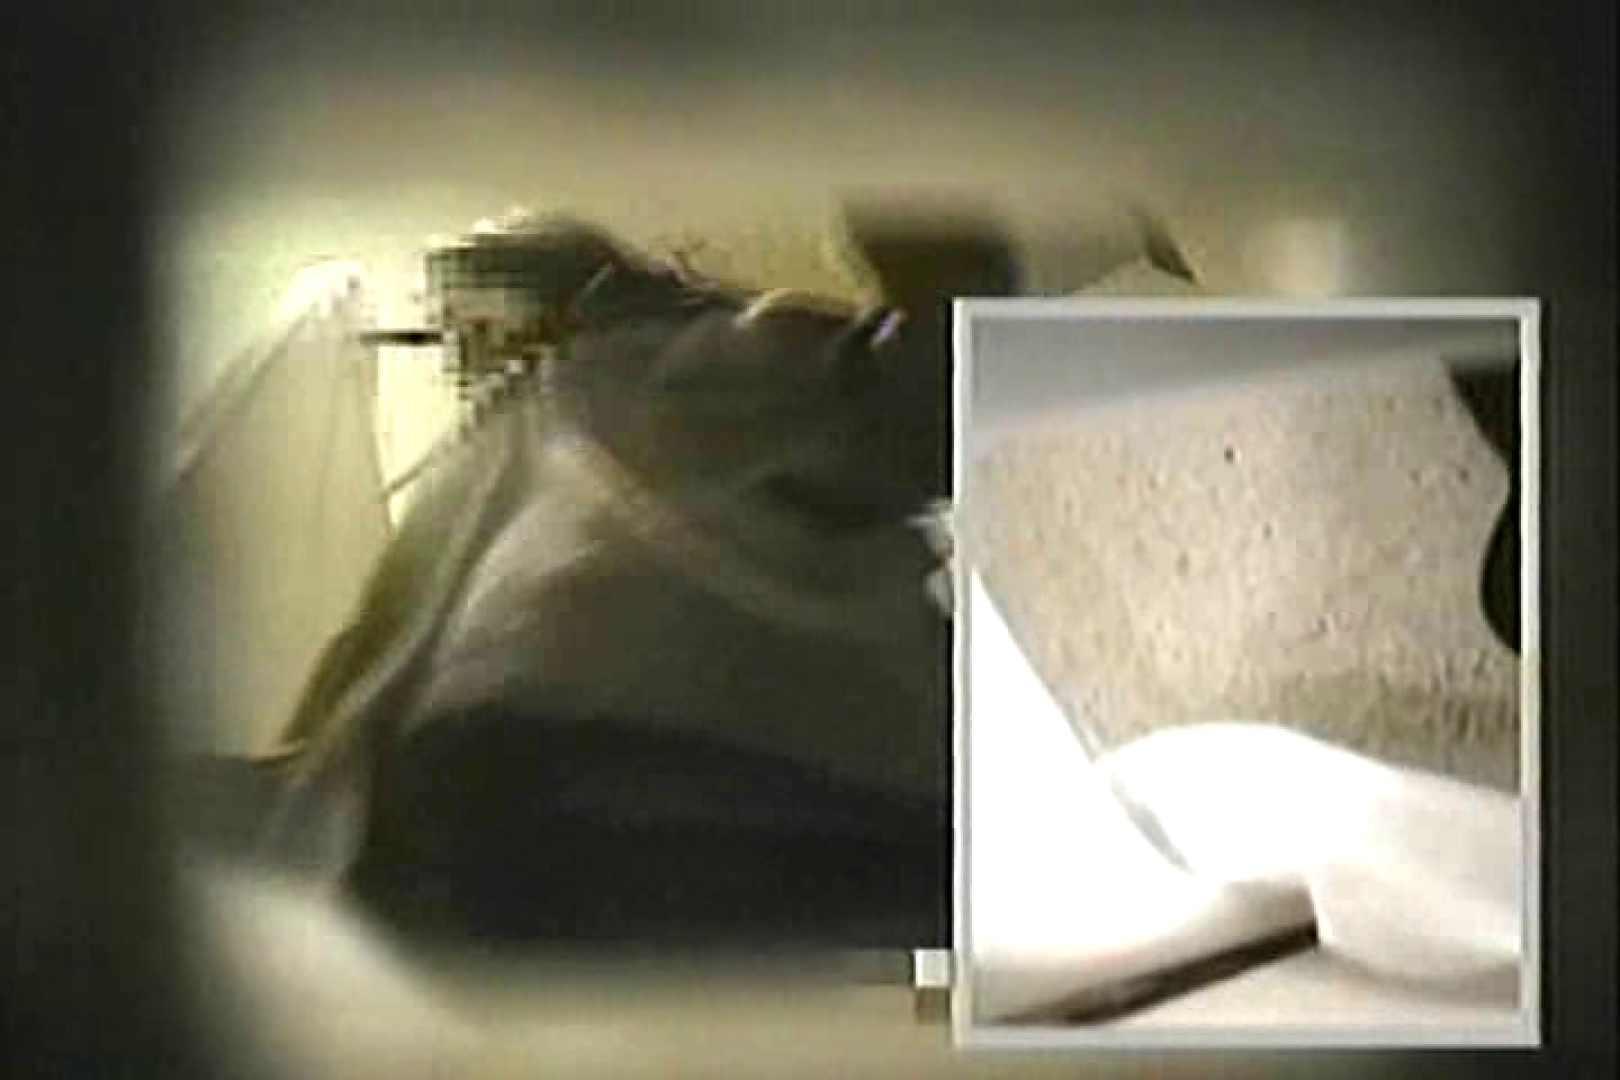 女子洗面所盗撮 今度の2カメは若い子だらけ  TK-127 マルチアングル  91画像 80